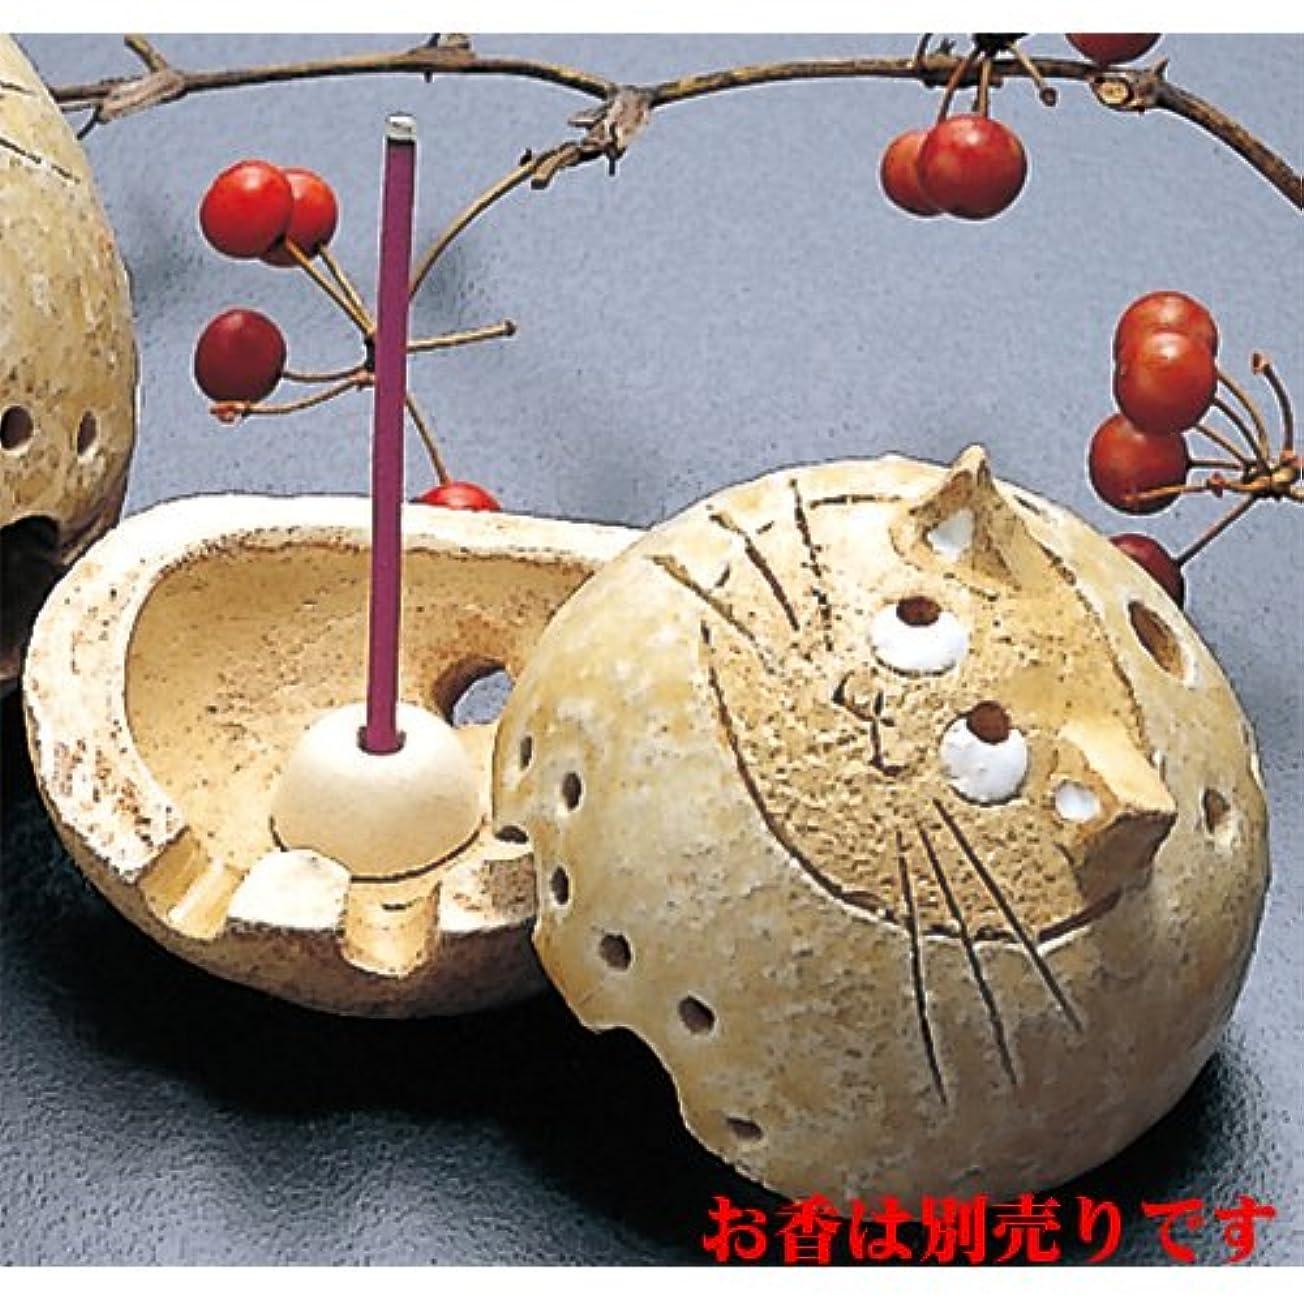 護衛折大香炉 丸猫 香炉(小) [H6cm] HANDMADE プレゼント ギフト 和食器 かわいい インテリア